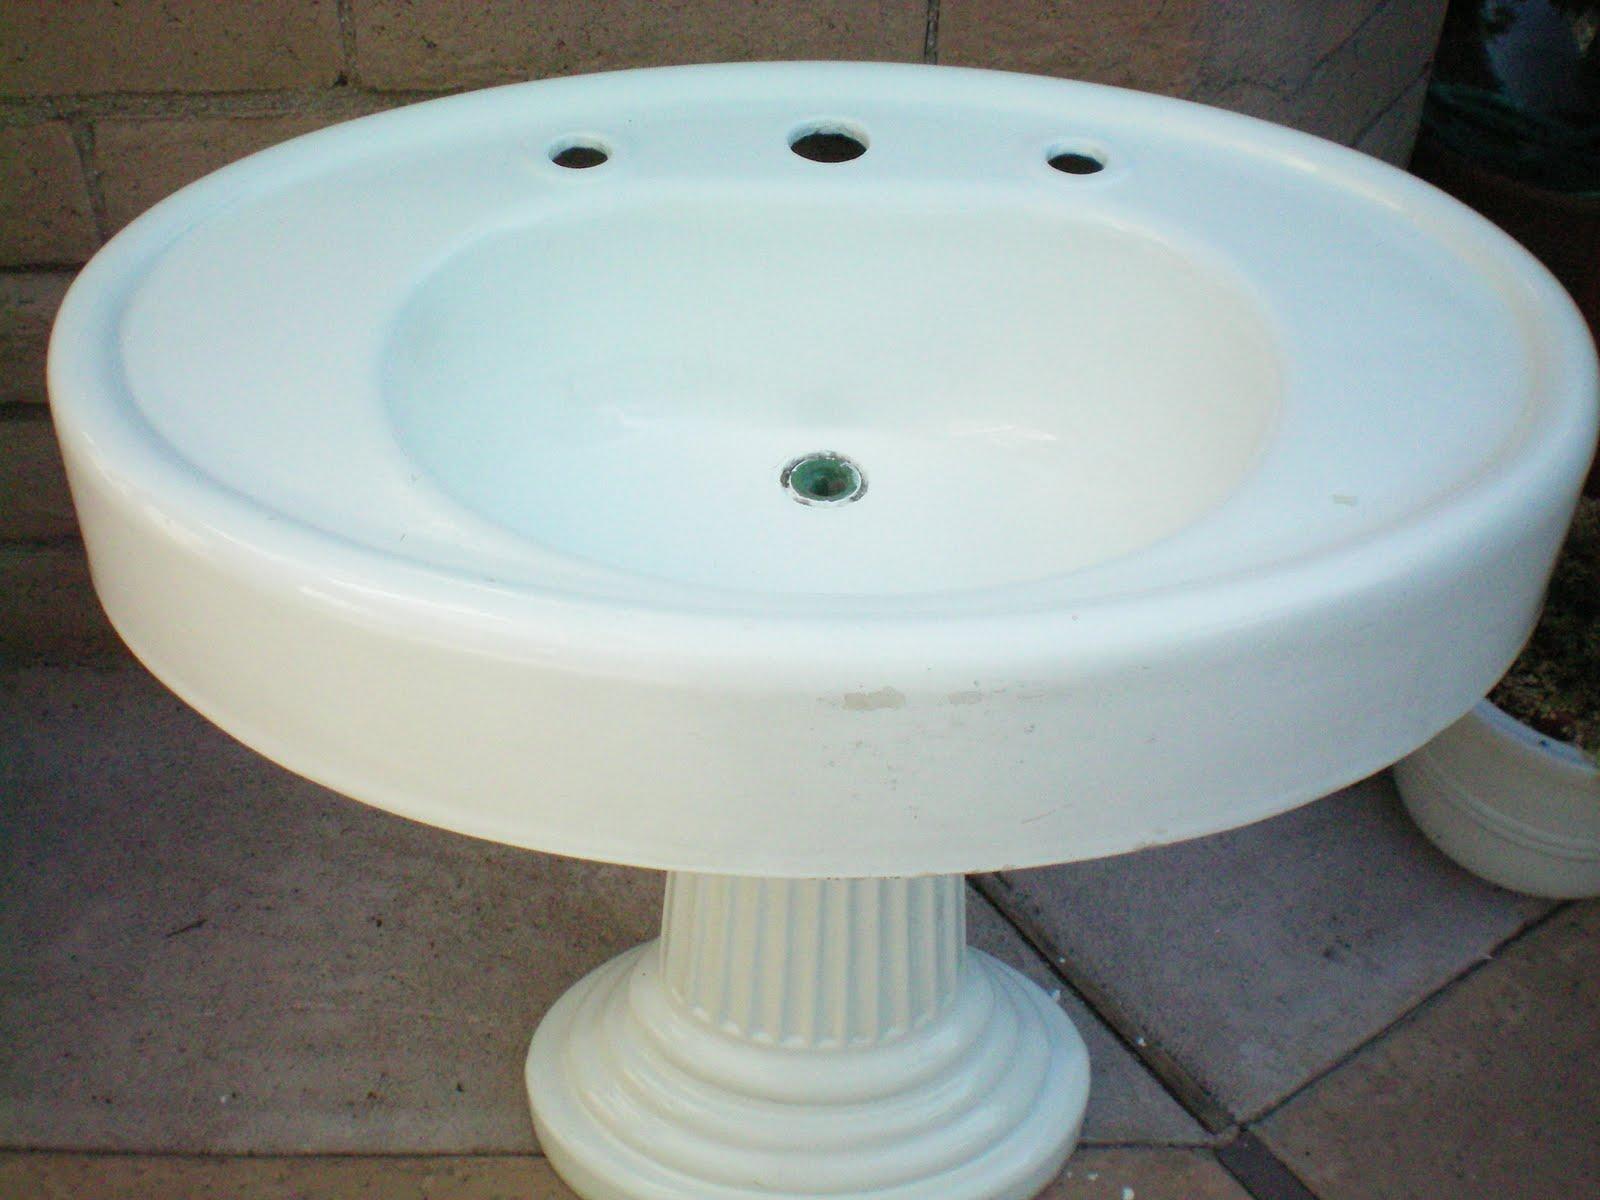 Oval Pedestal Sink : ... ca 1910 standard mfg co oval pedestal sink on fluted column 33 x 24